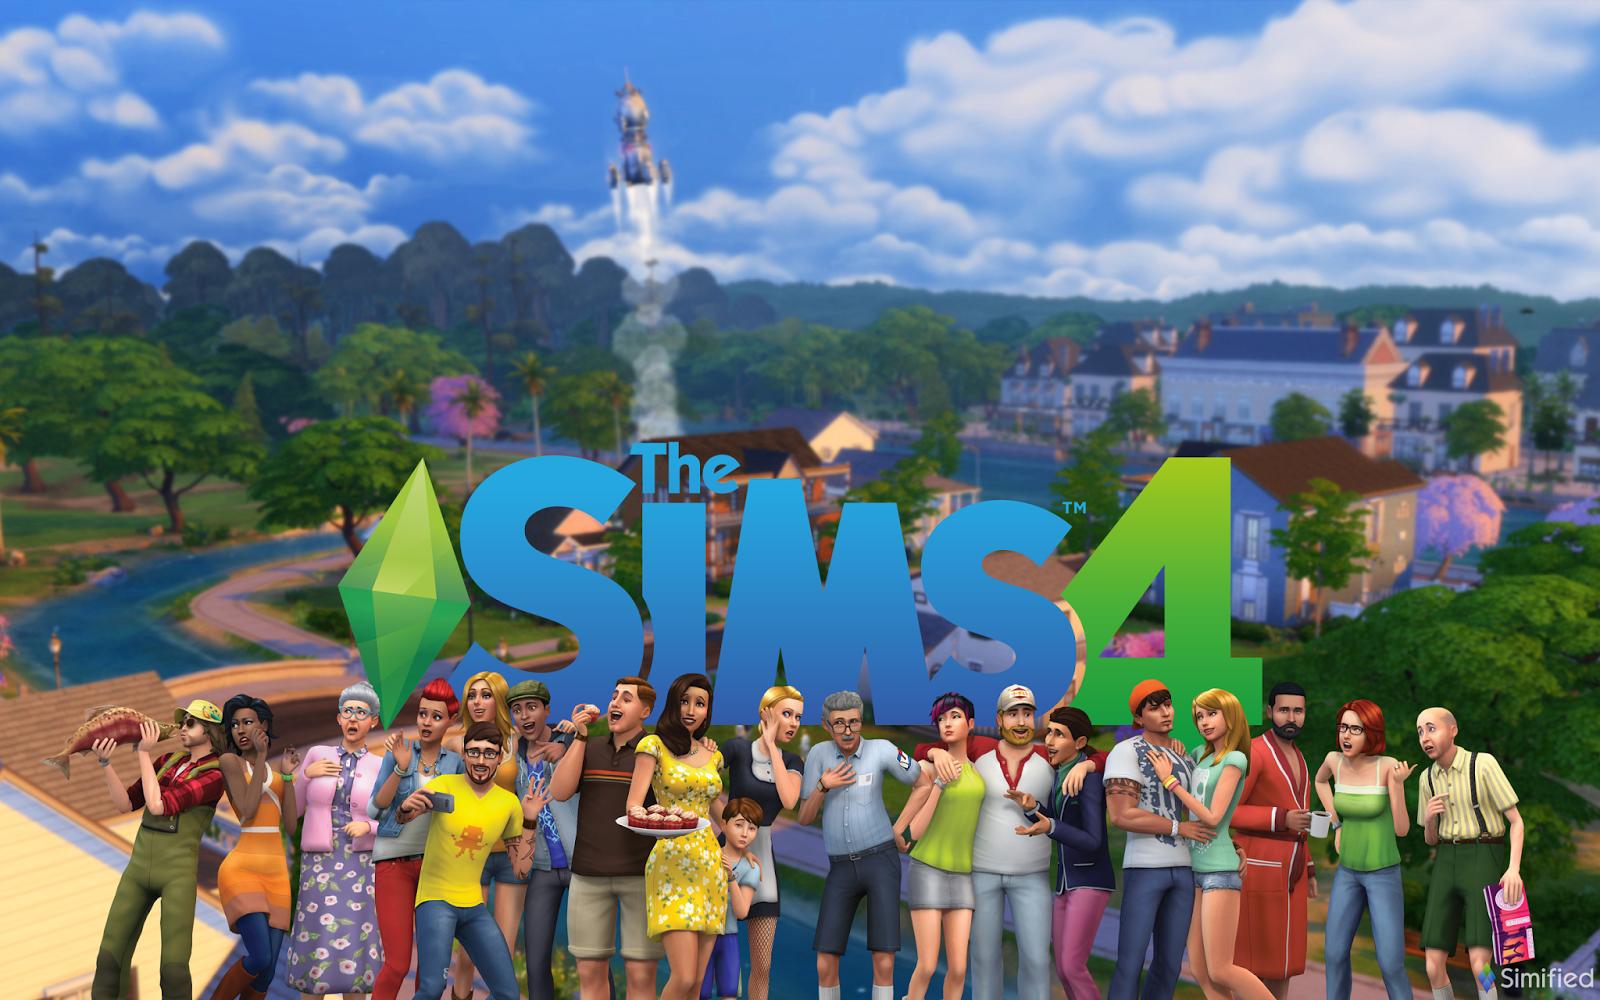 The Sims 4 Wallpaper - WallpaperSafari